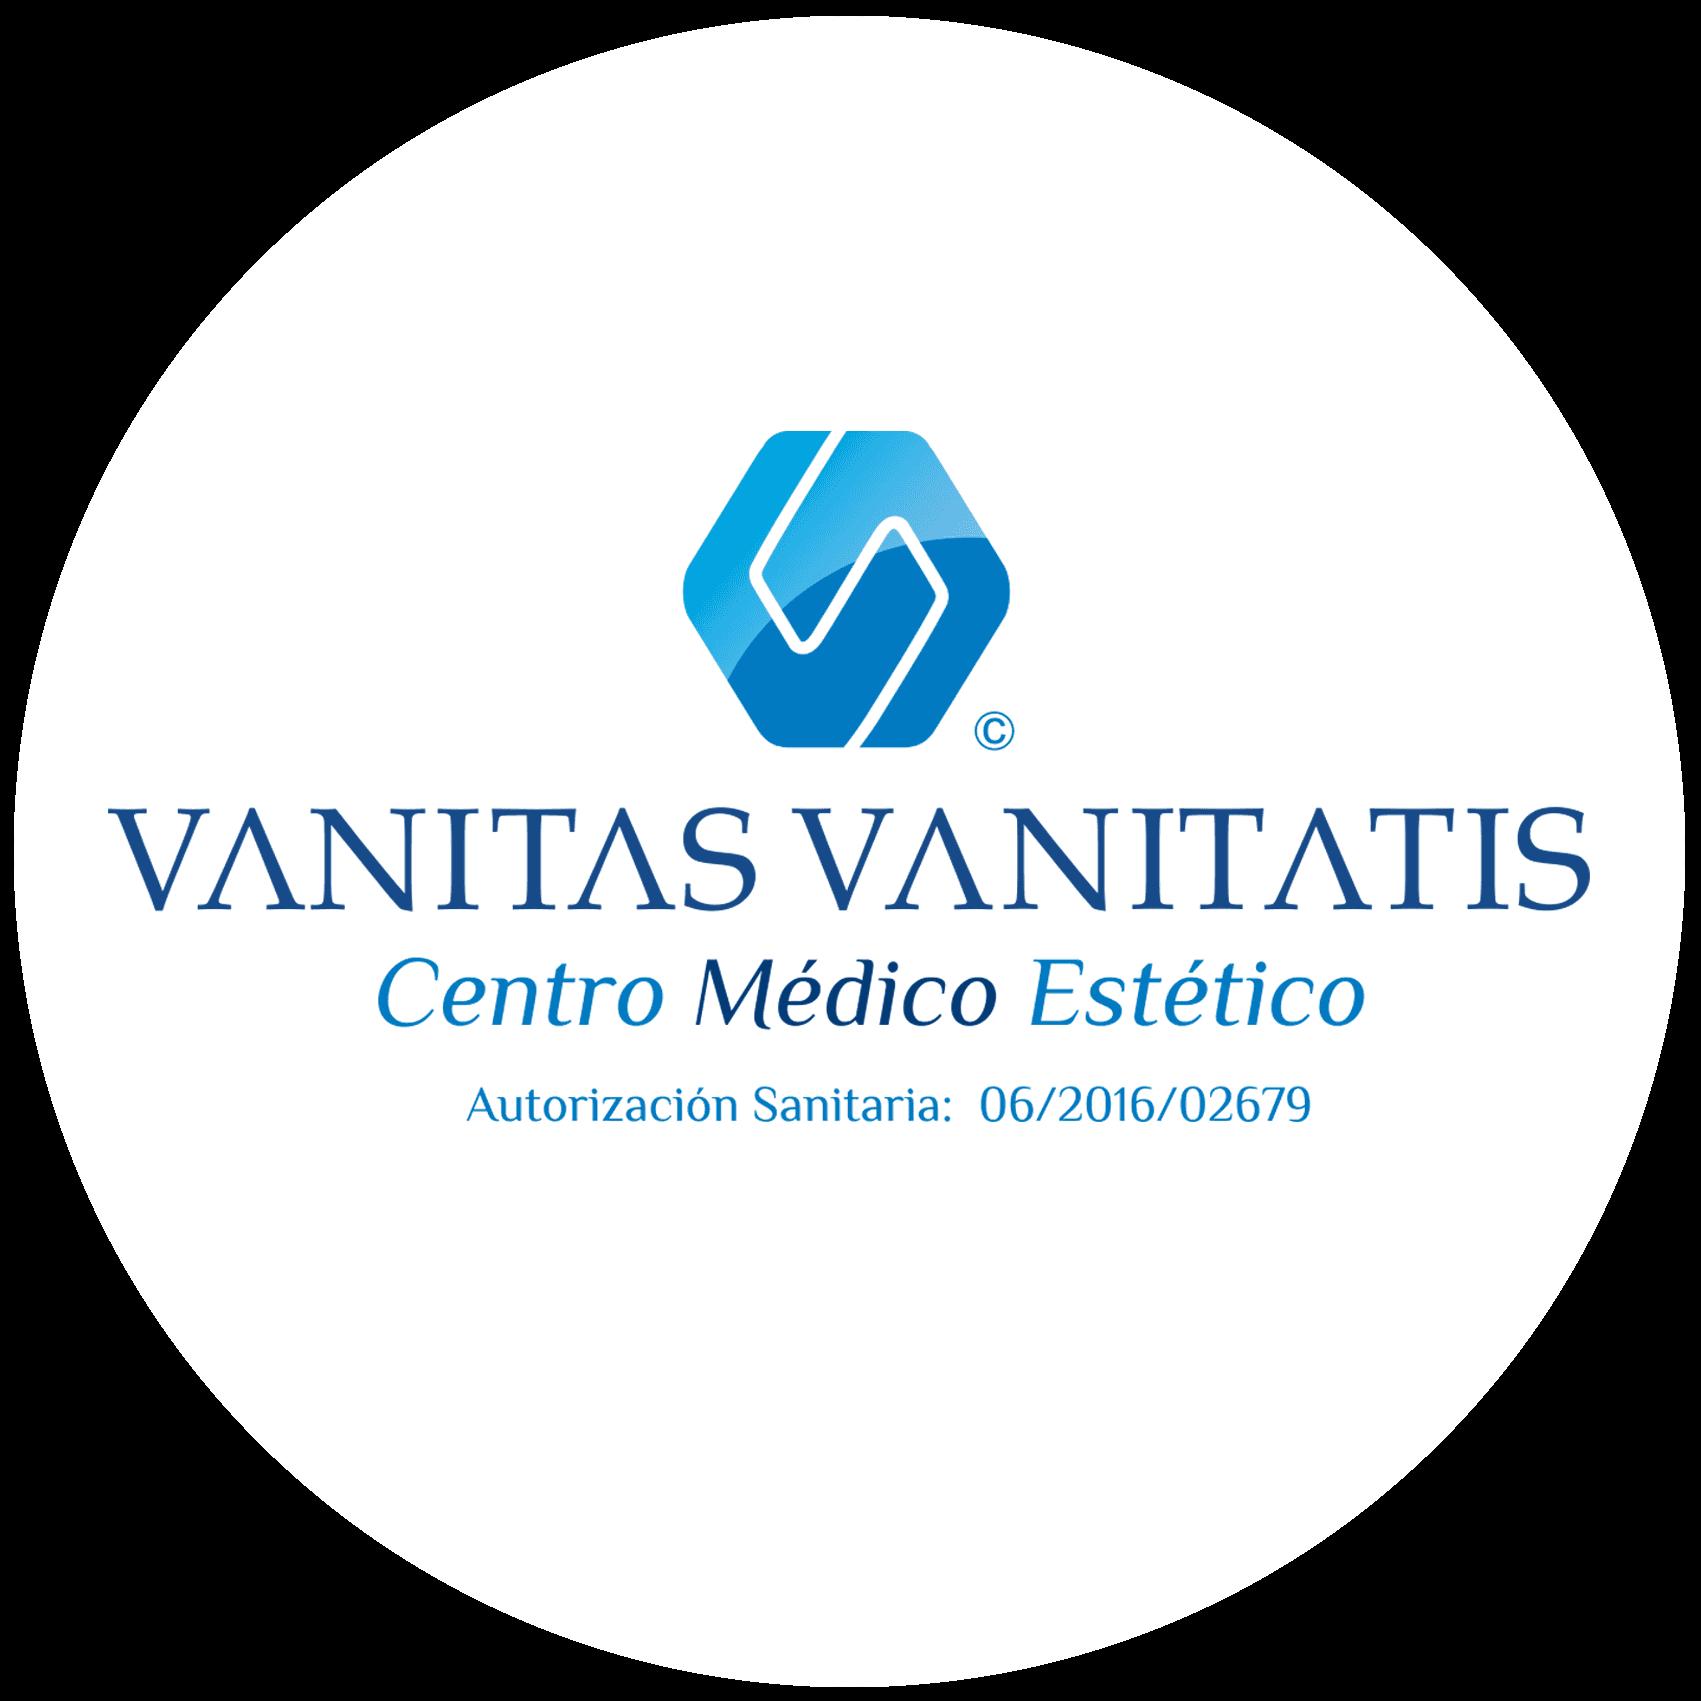 logo-vanitas